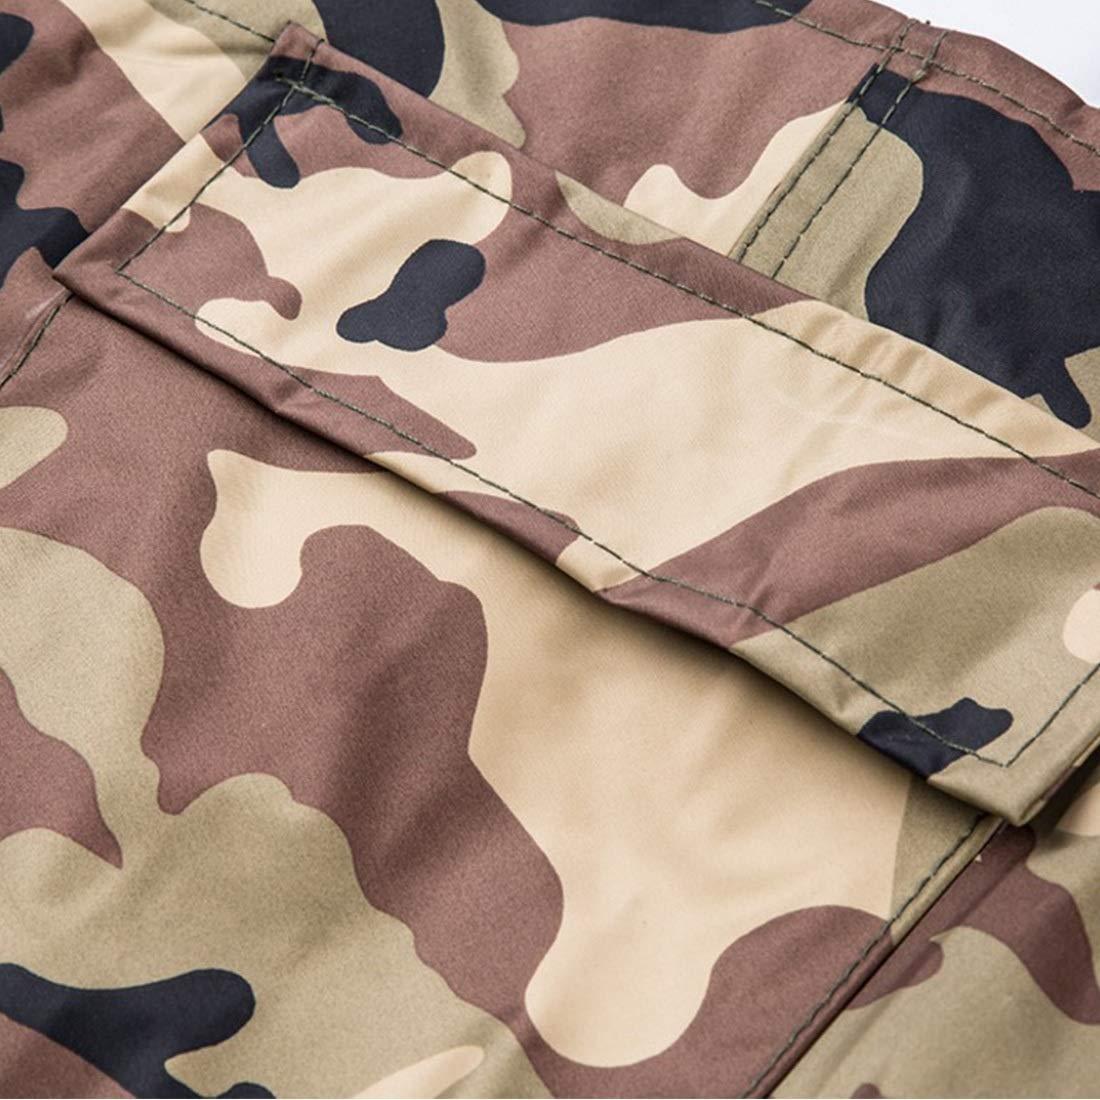 FENGXONG Camouflage Grownup Pantalons de p/êche Respirants et en Vrac